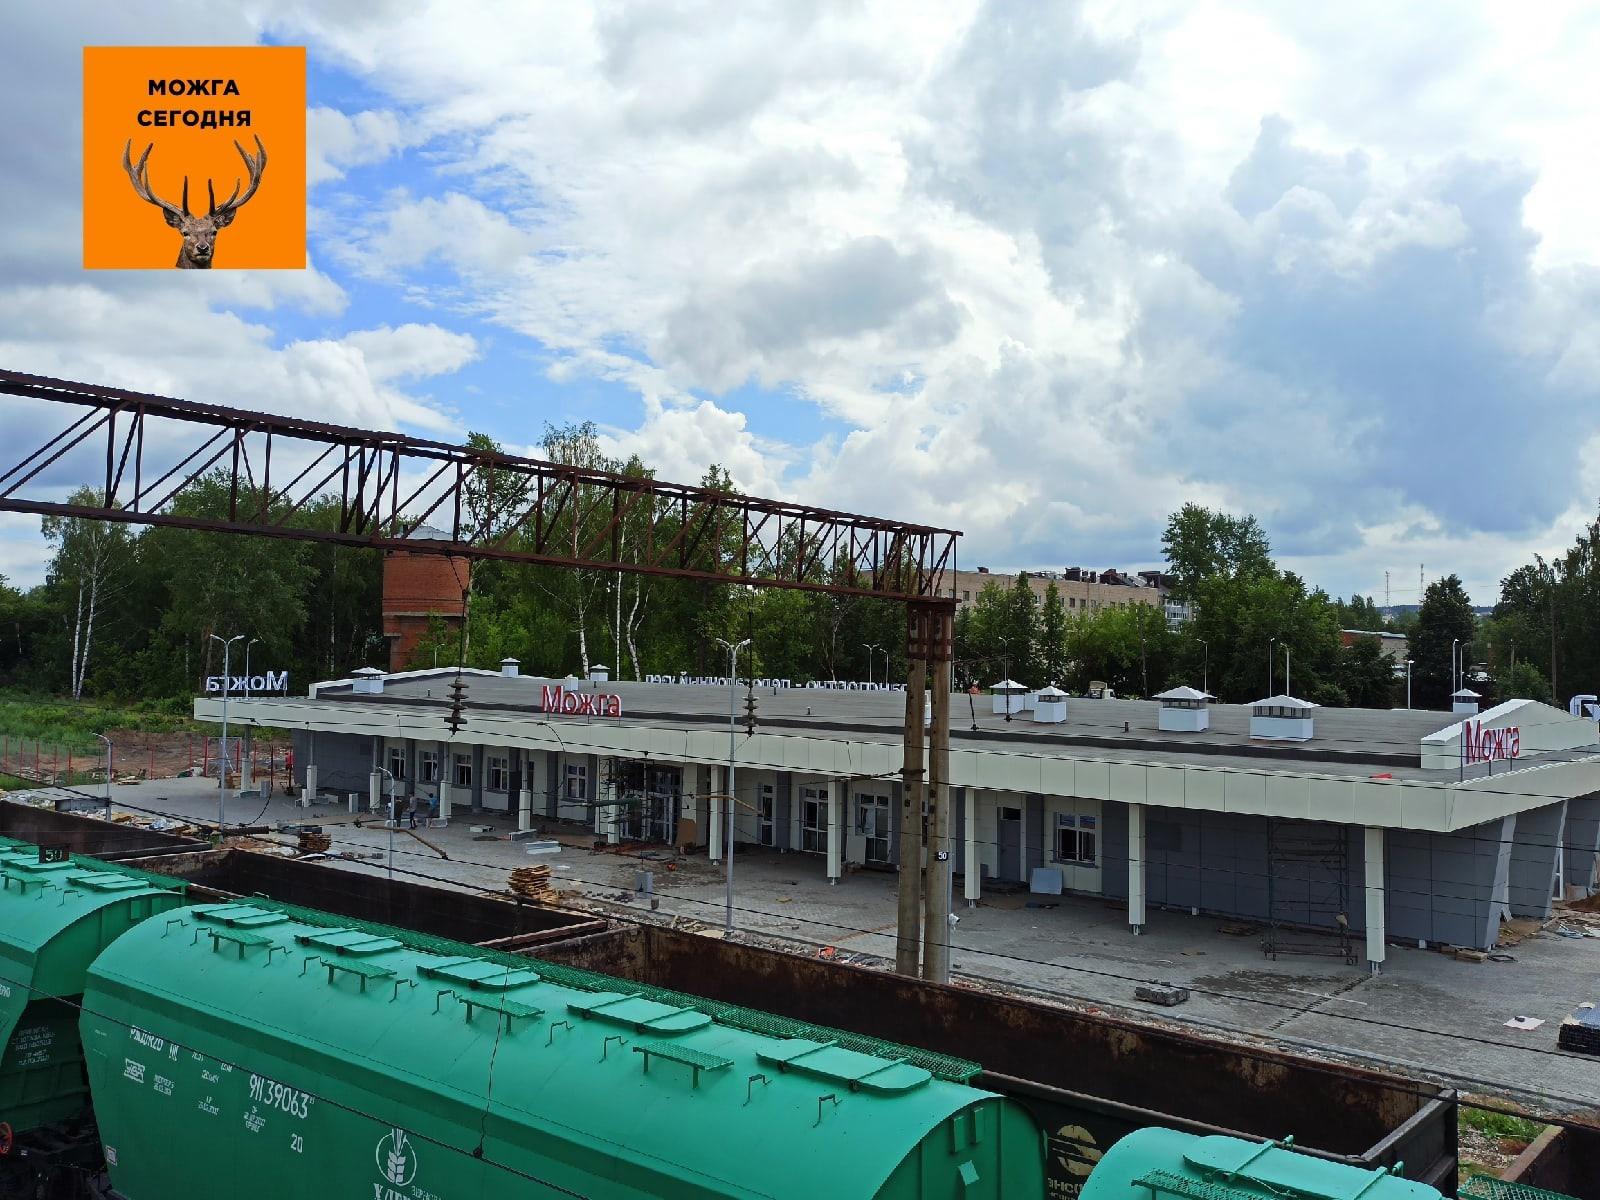 Немного фоточек нового вокзала. Ну как вам?#МожгаСегодня